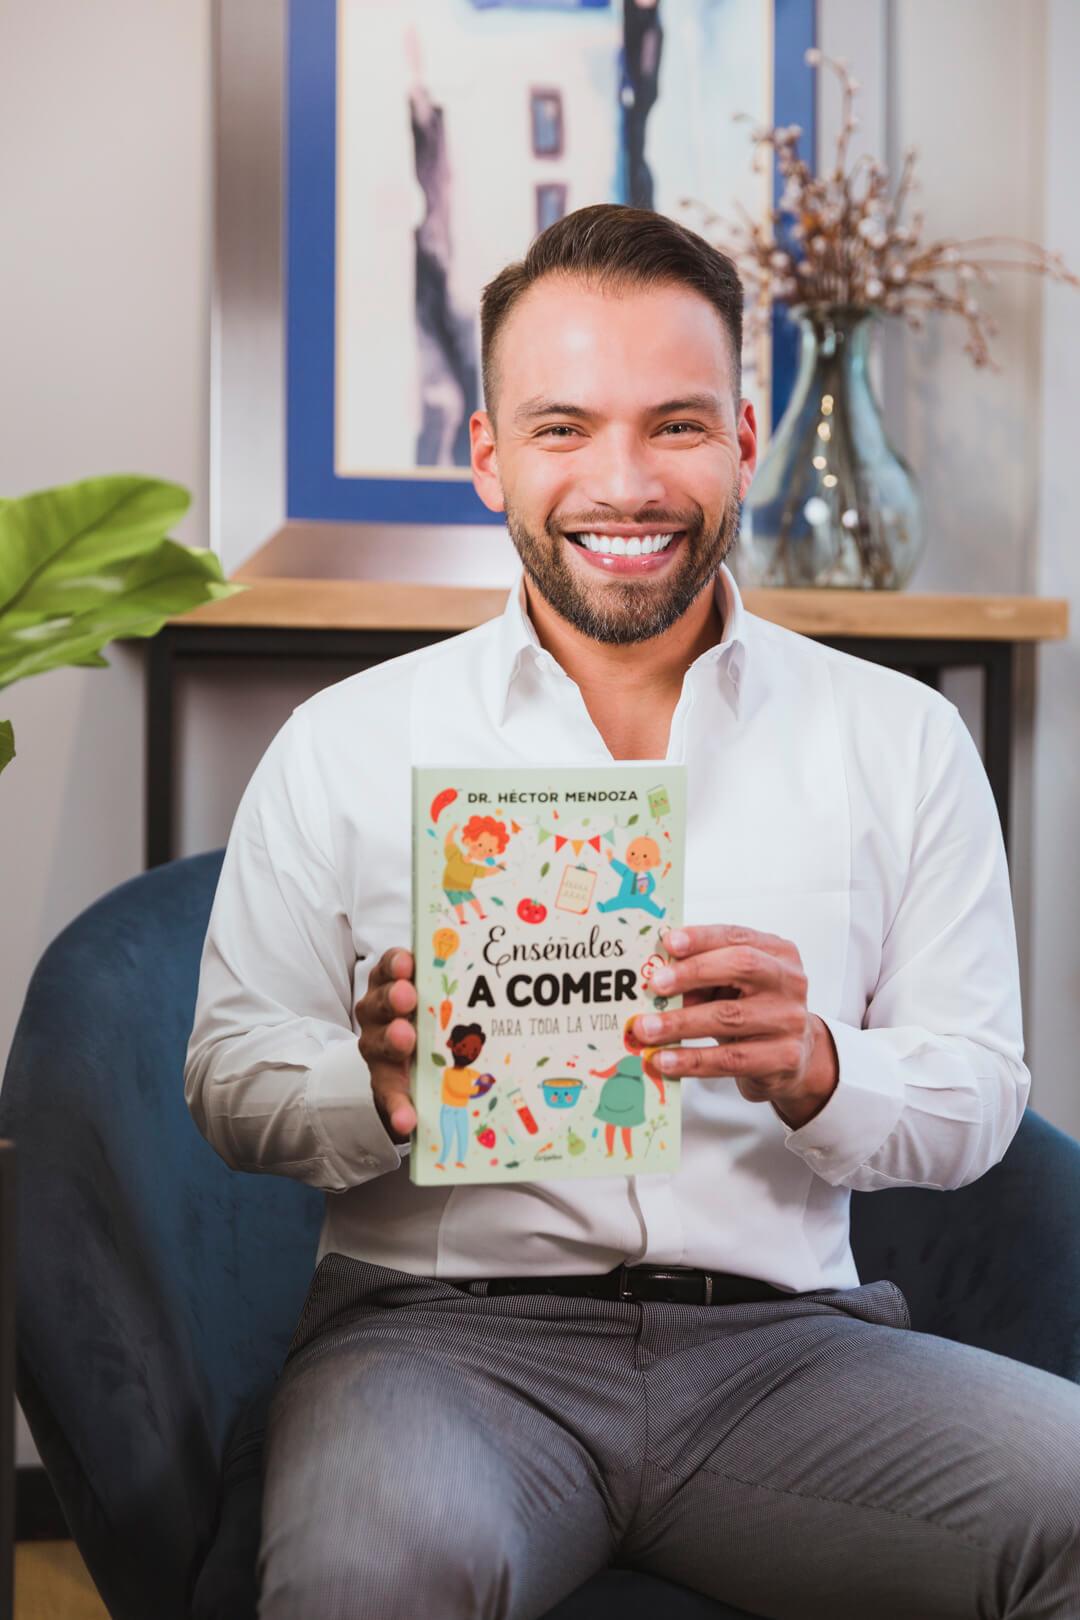 Doctor Hector Mendoza mostrando su libro Enséñales a comer para toda la vida